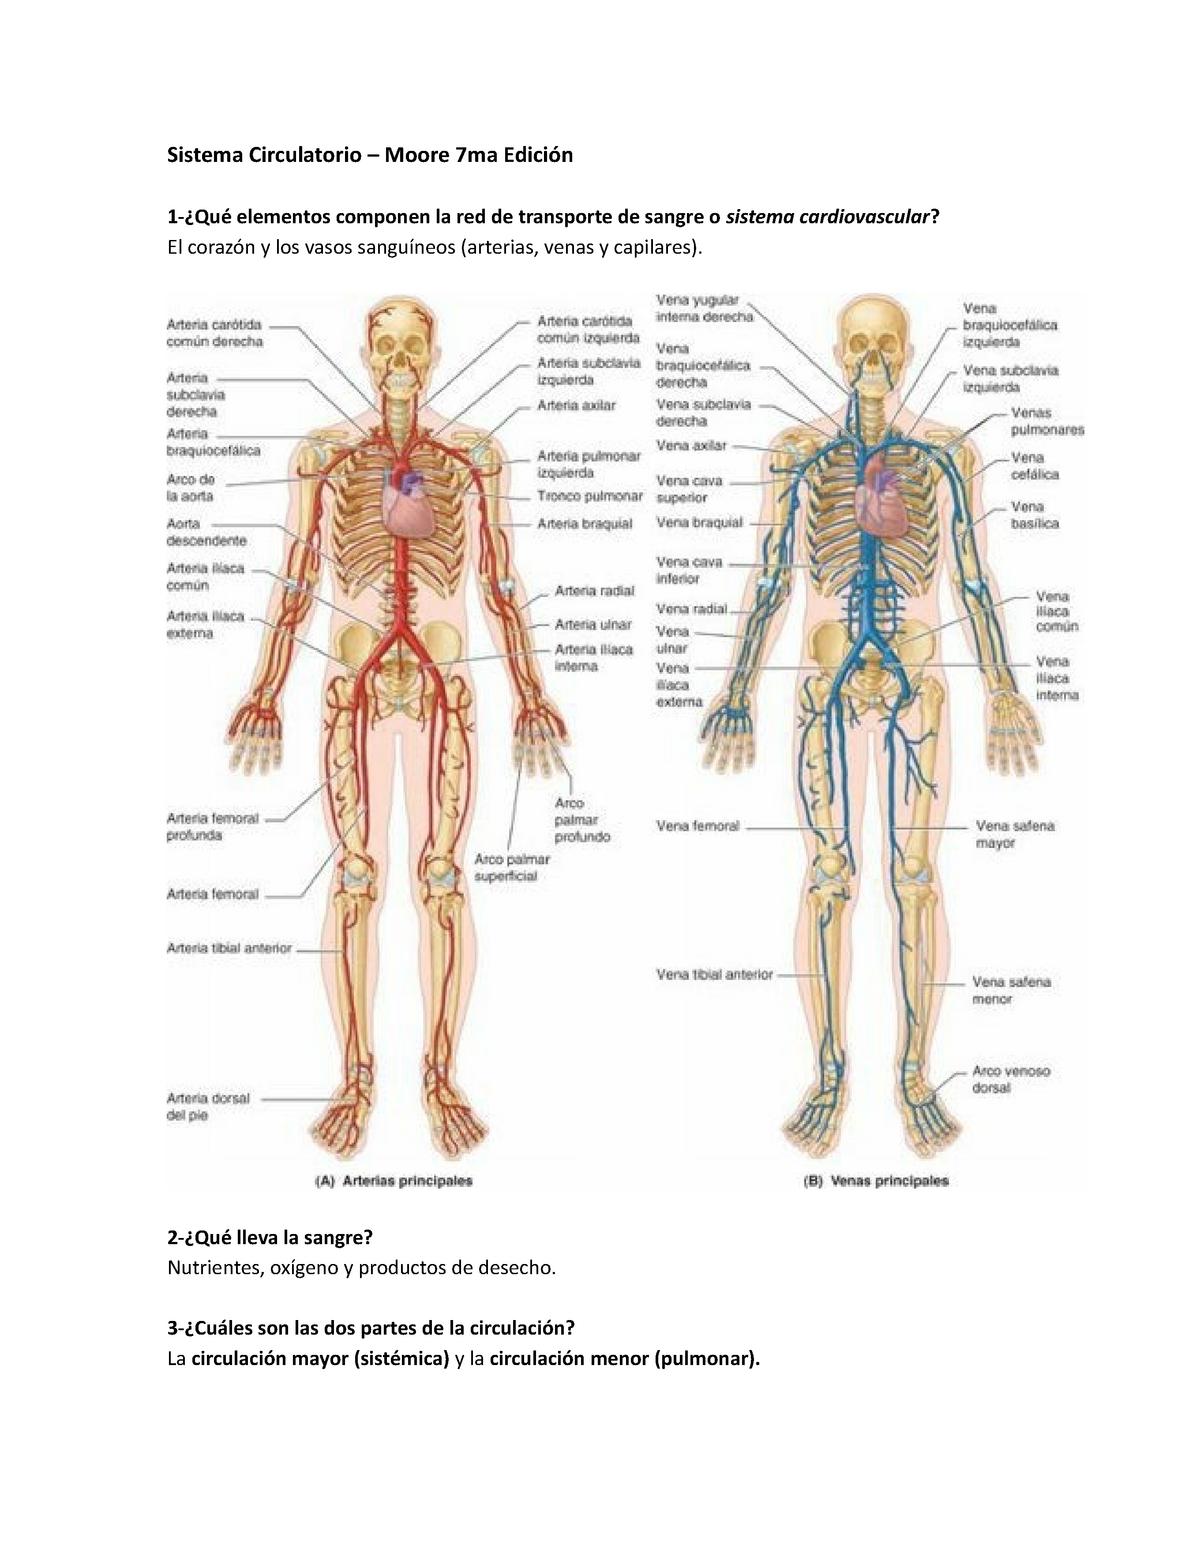 que son arterias venas y capilares